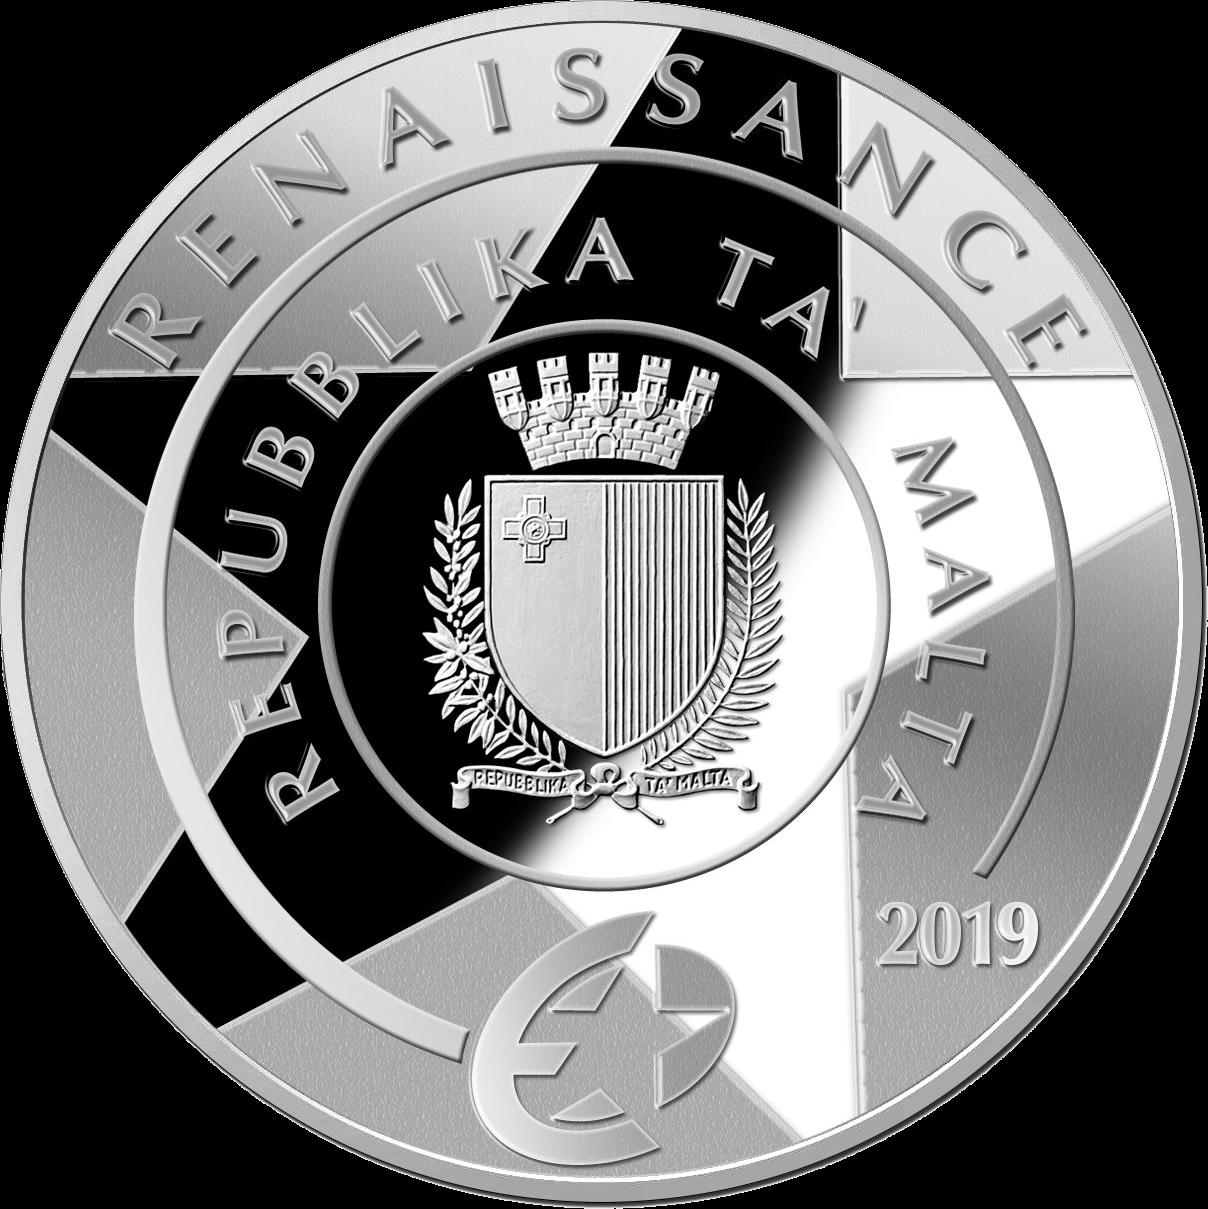 Мальта монета 10 евро Гран-Карракка Ордена Святого Иоанна, аверс